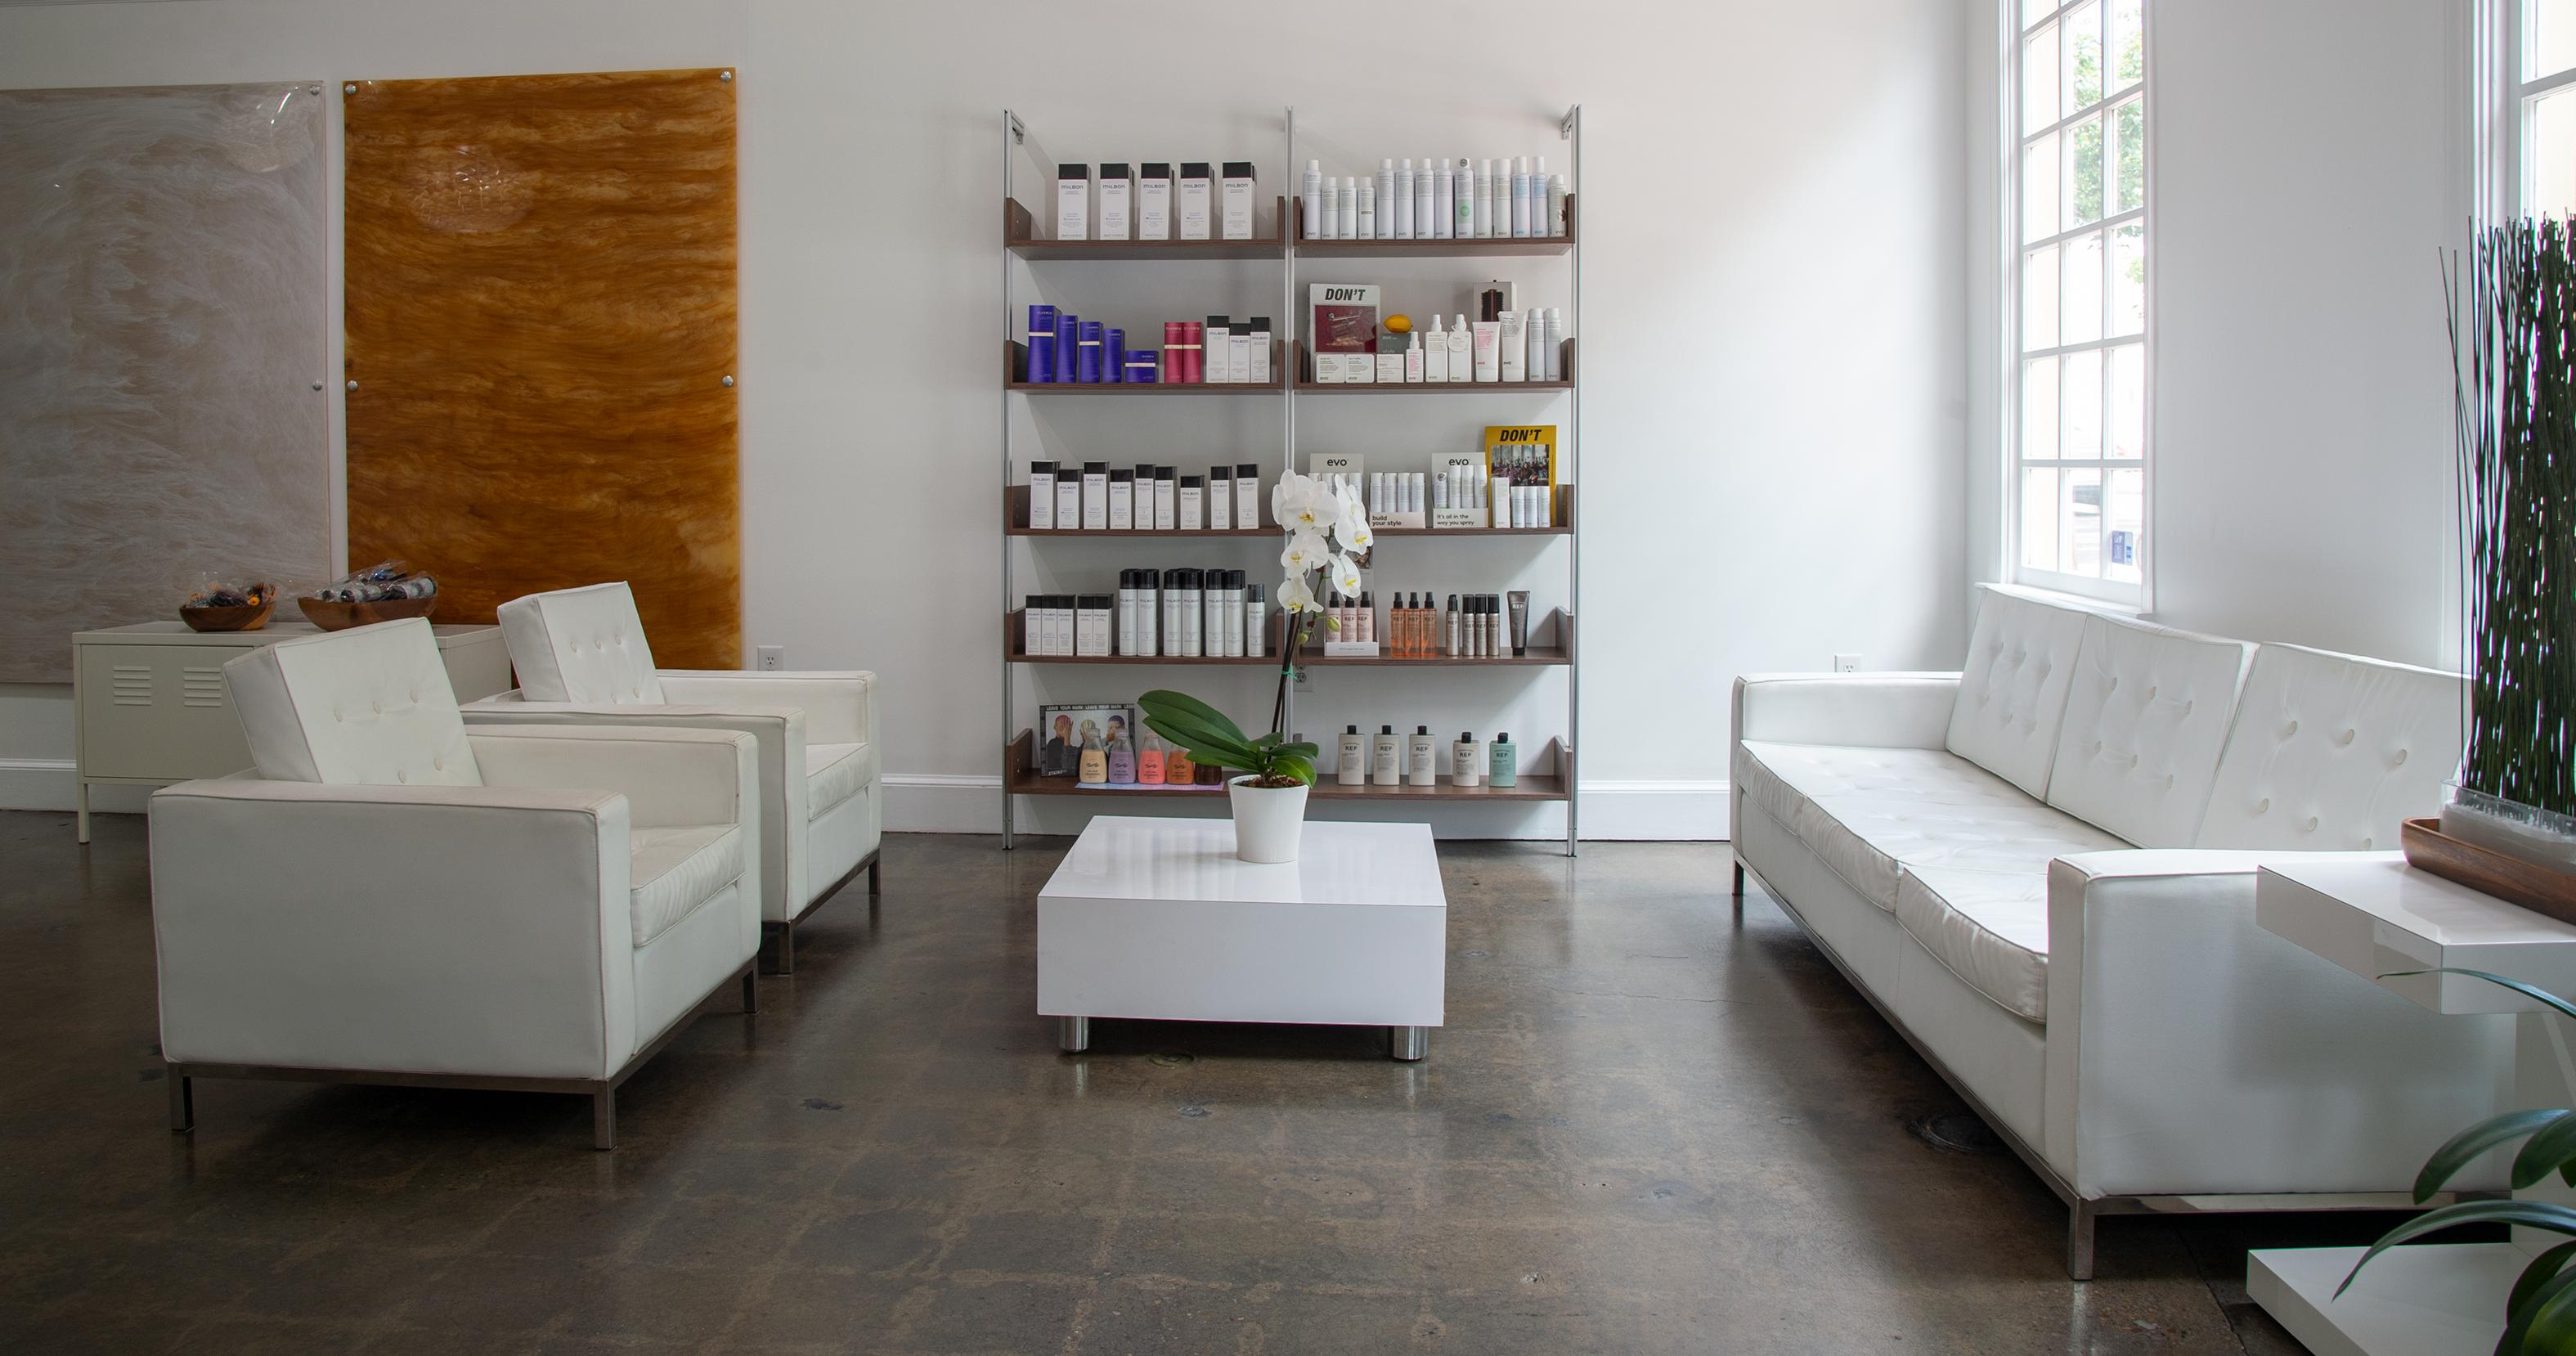 Salon reception area.